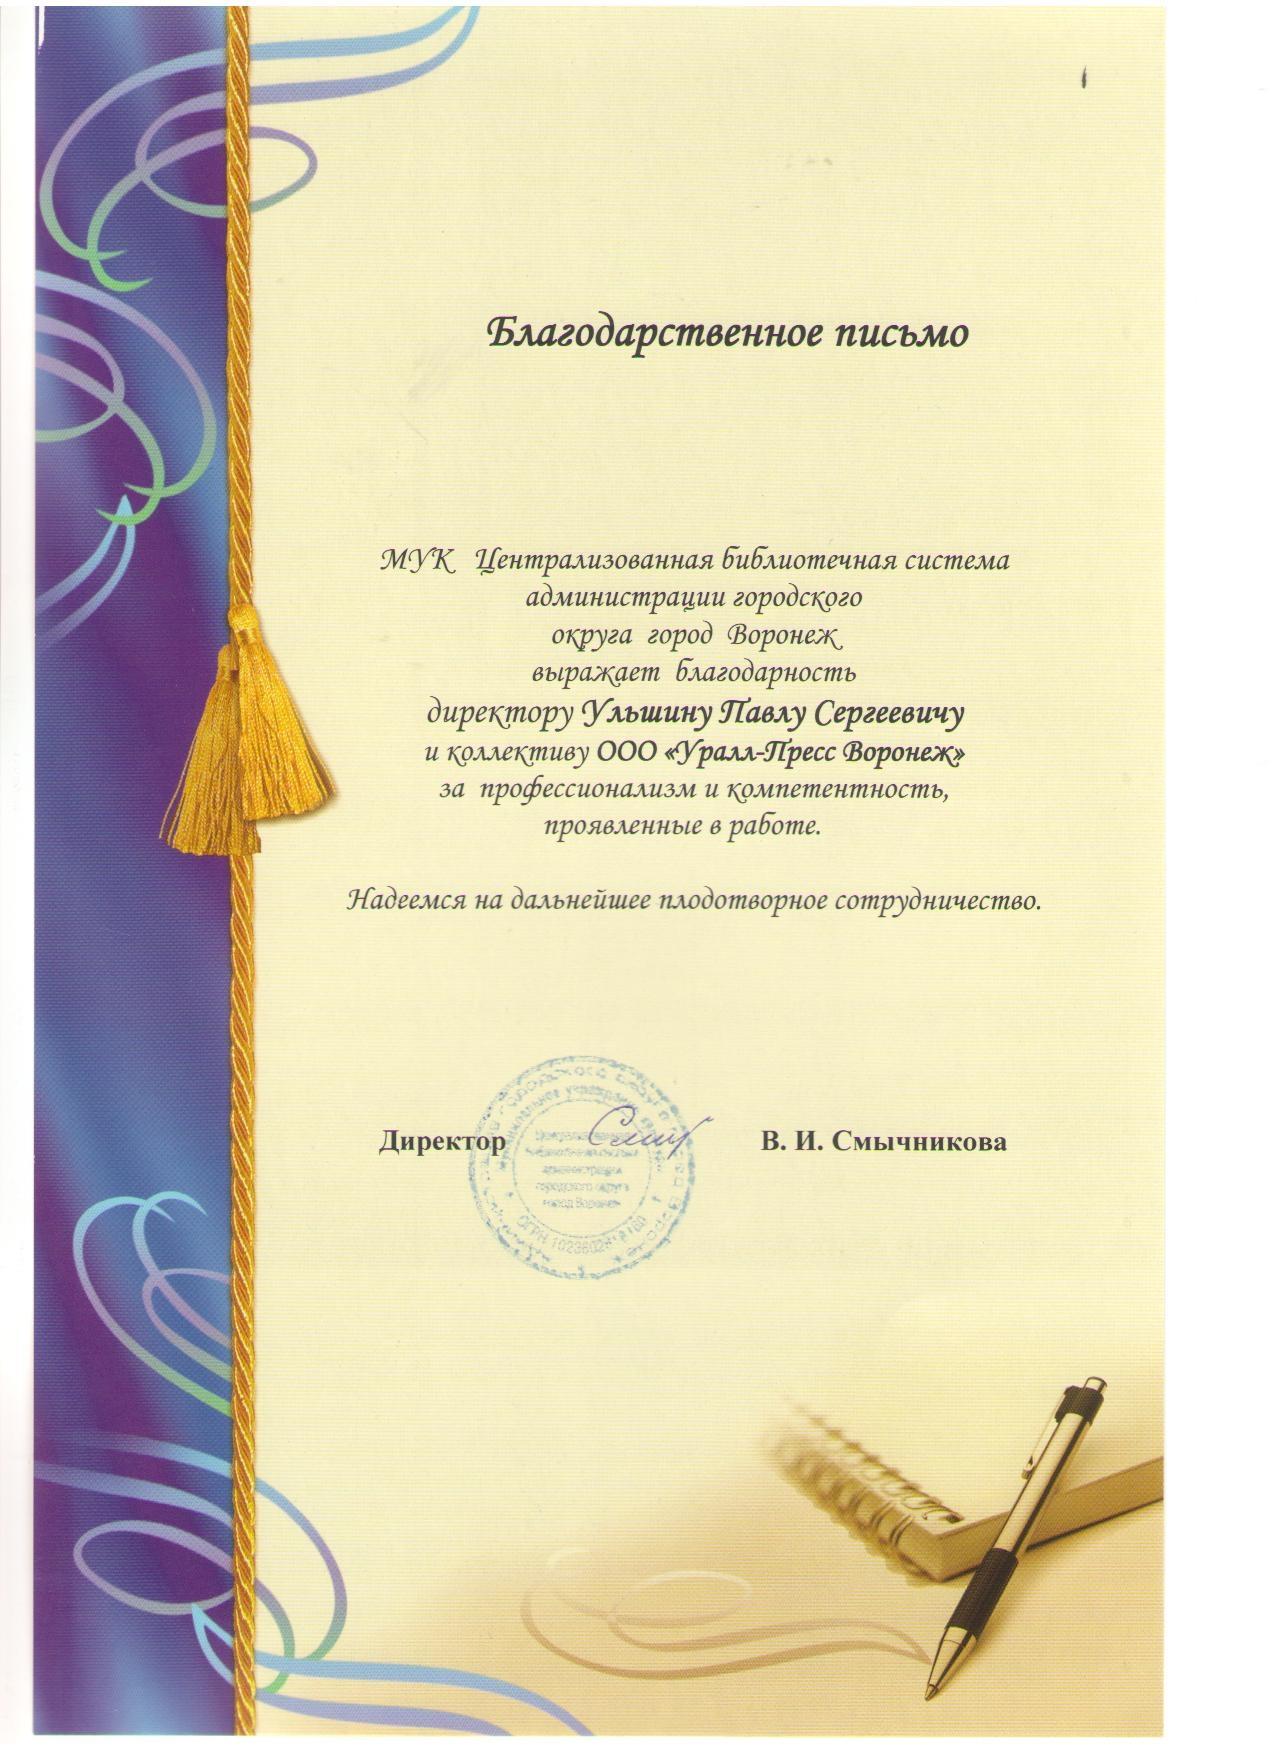 Размер пенсии по инвалидности в 2016 году в московской области